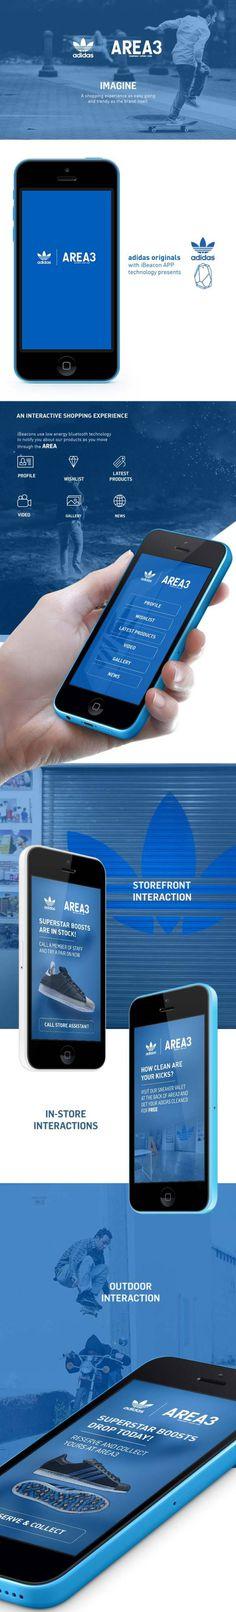 Adidas iBeacon App by Jana de Klerk